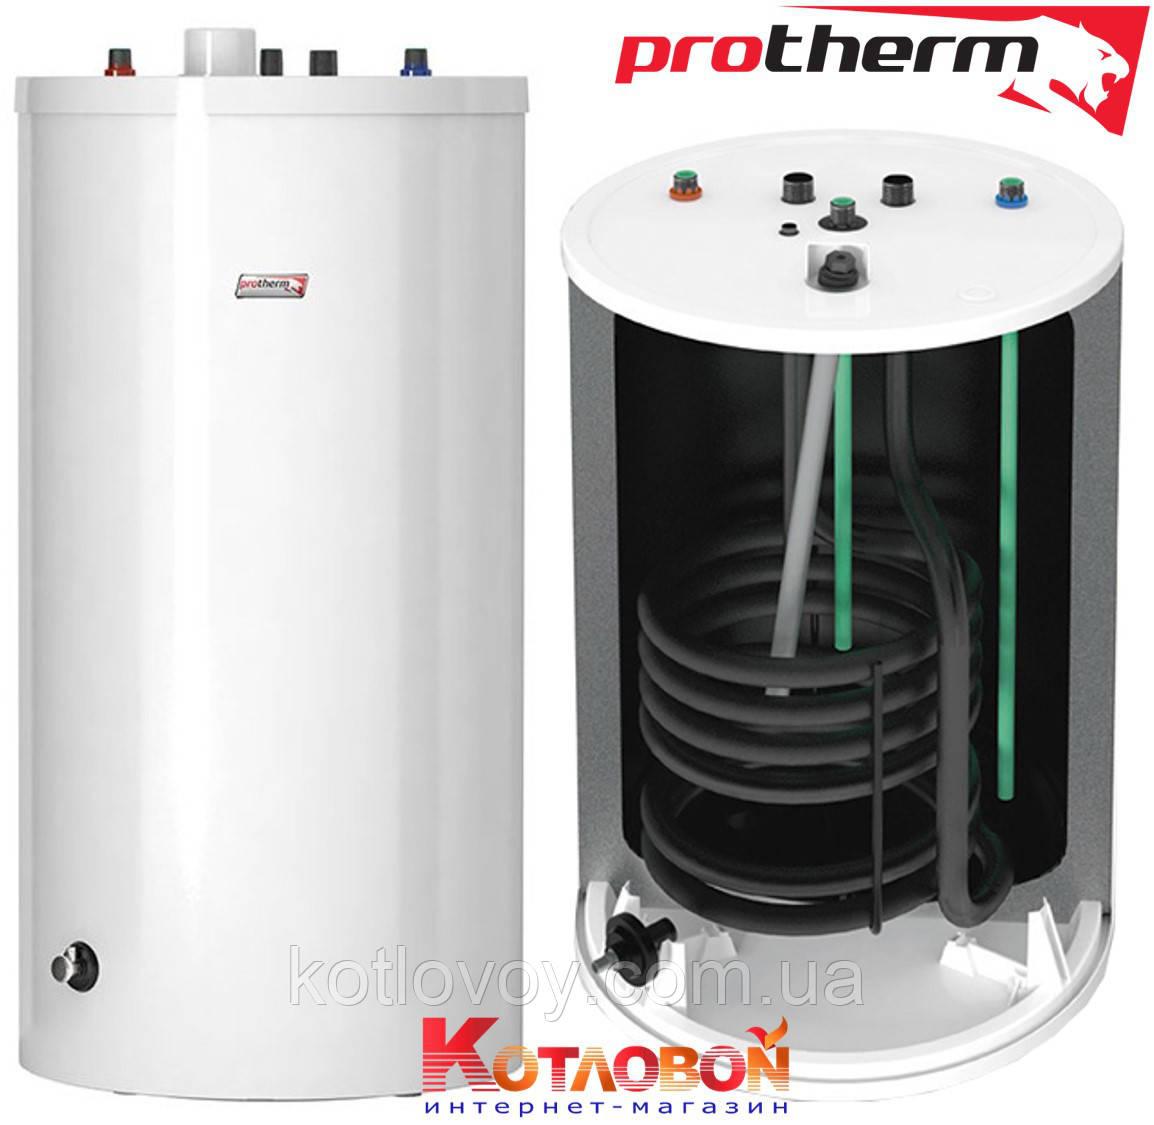 Напольный водонагреватель косвенного нагрева Protherm